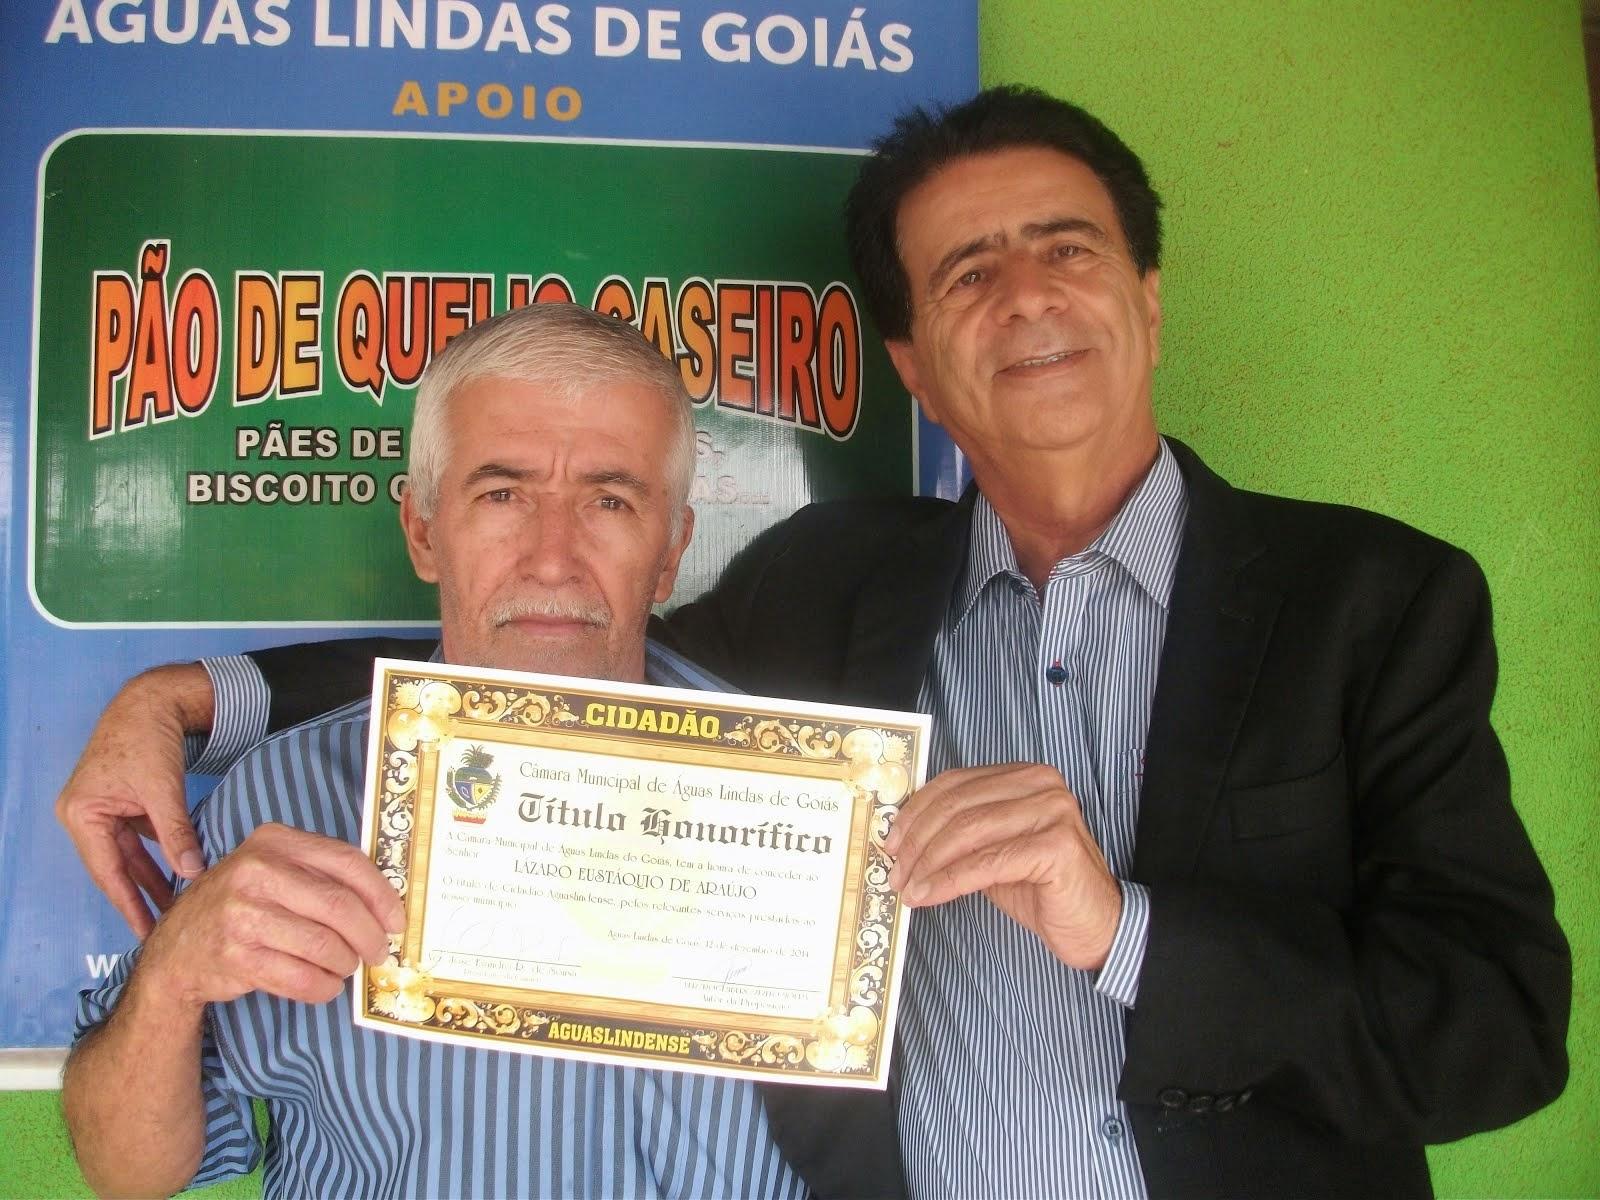 Seu Lazaro do Pão de Queijo também recebeu titulo cidadão.